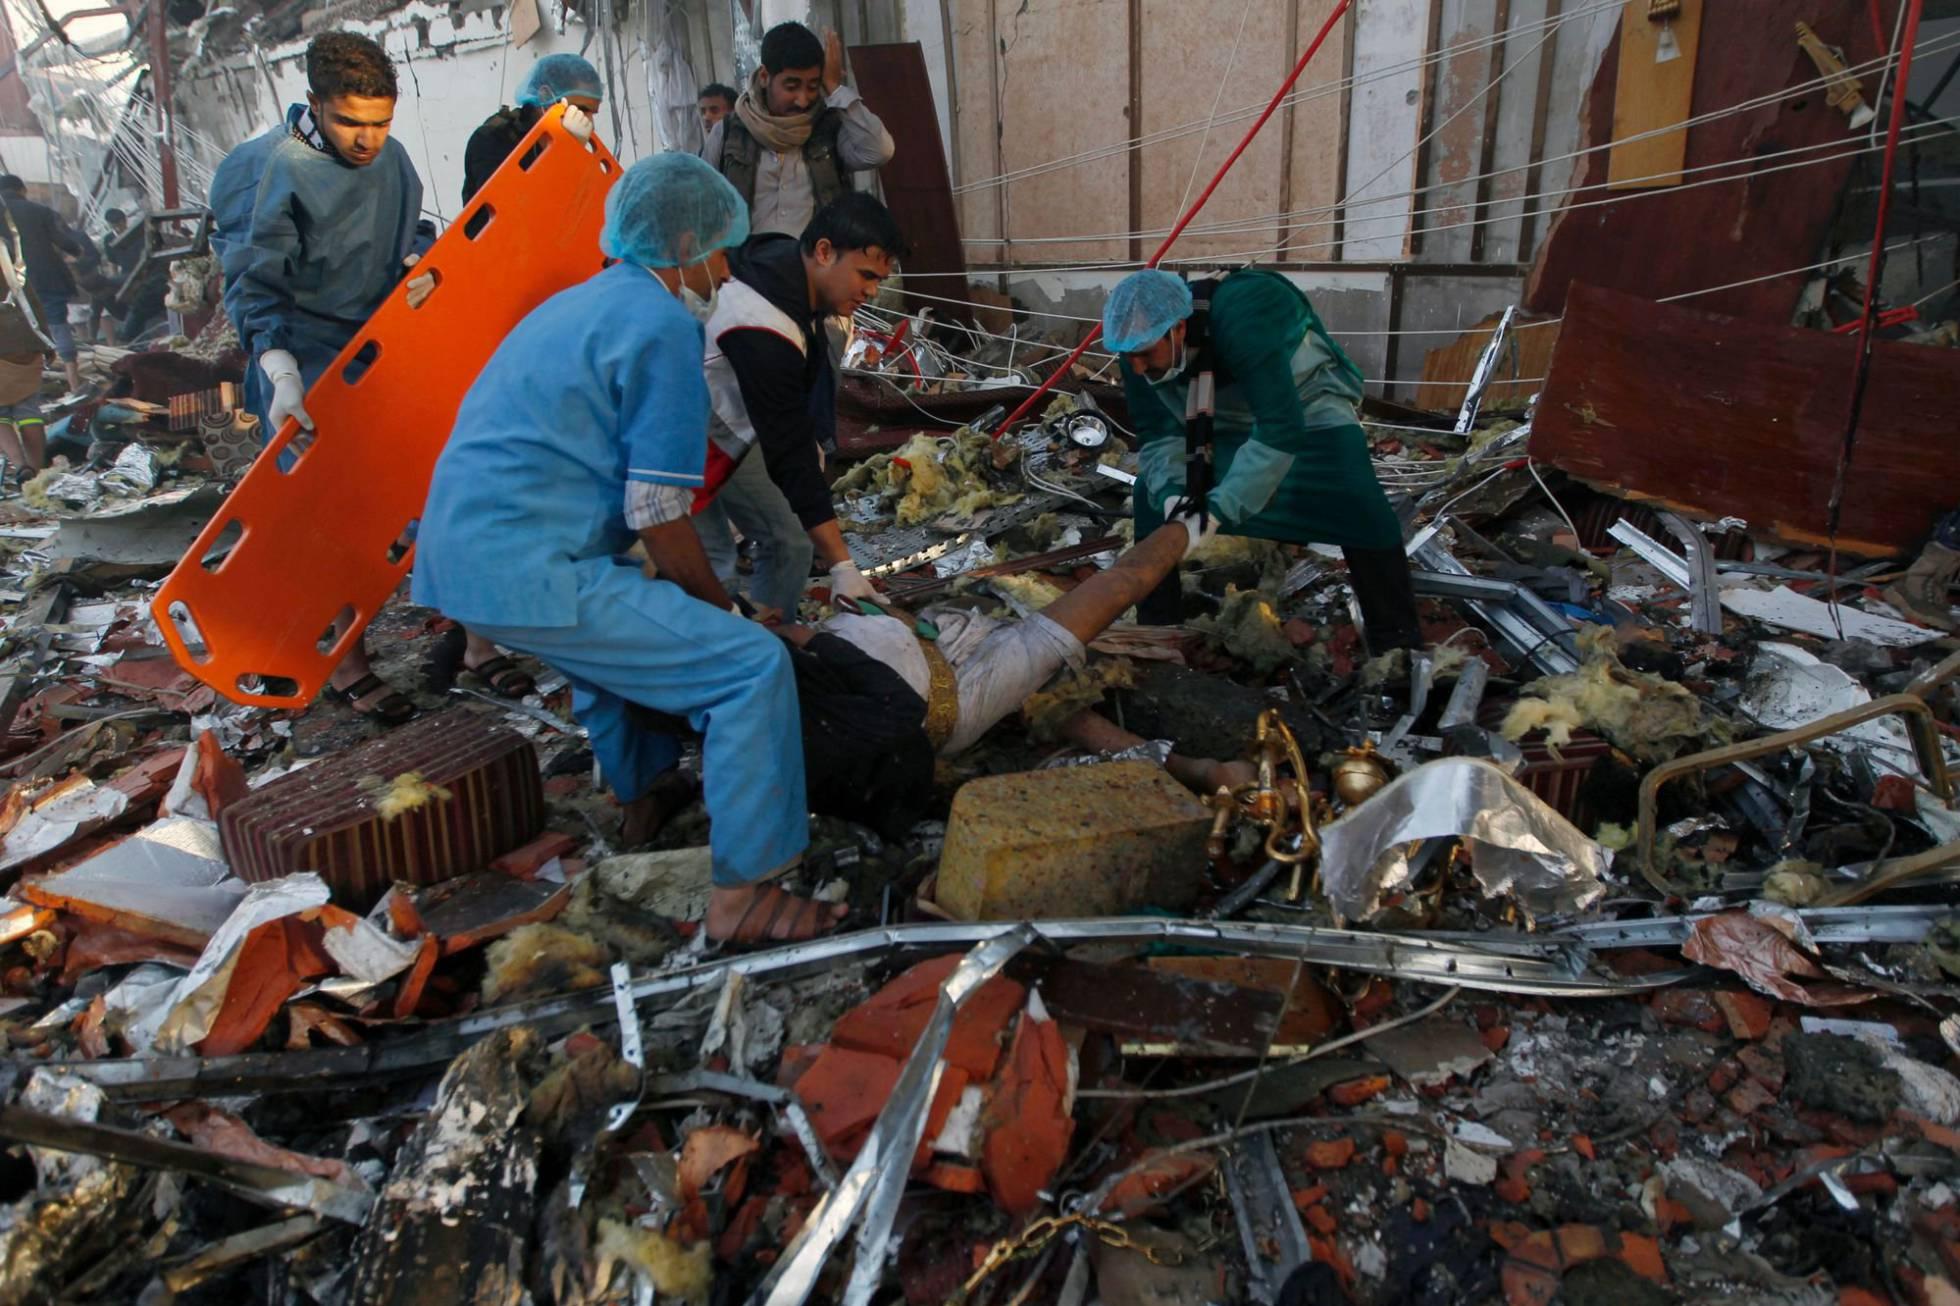 Conflicto en Yemen - Página 7 1475946775_532355_1475946946_noticia_normal_recorte1